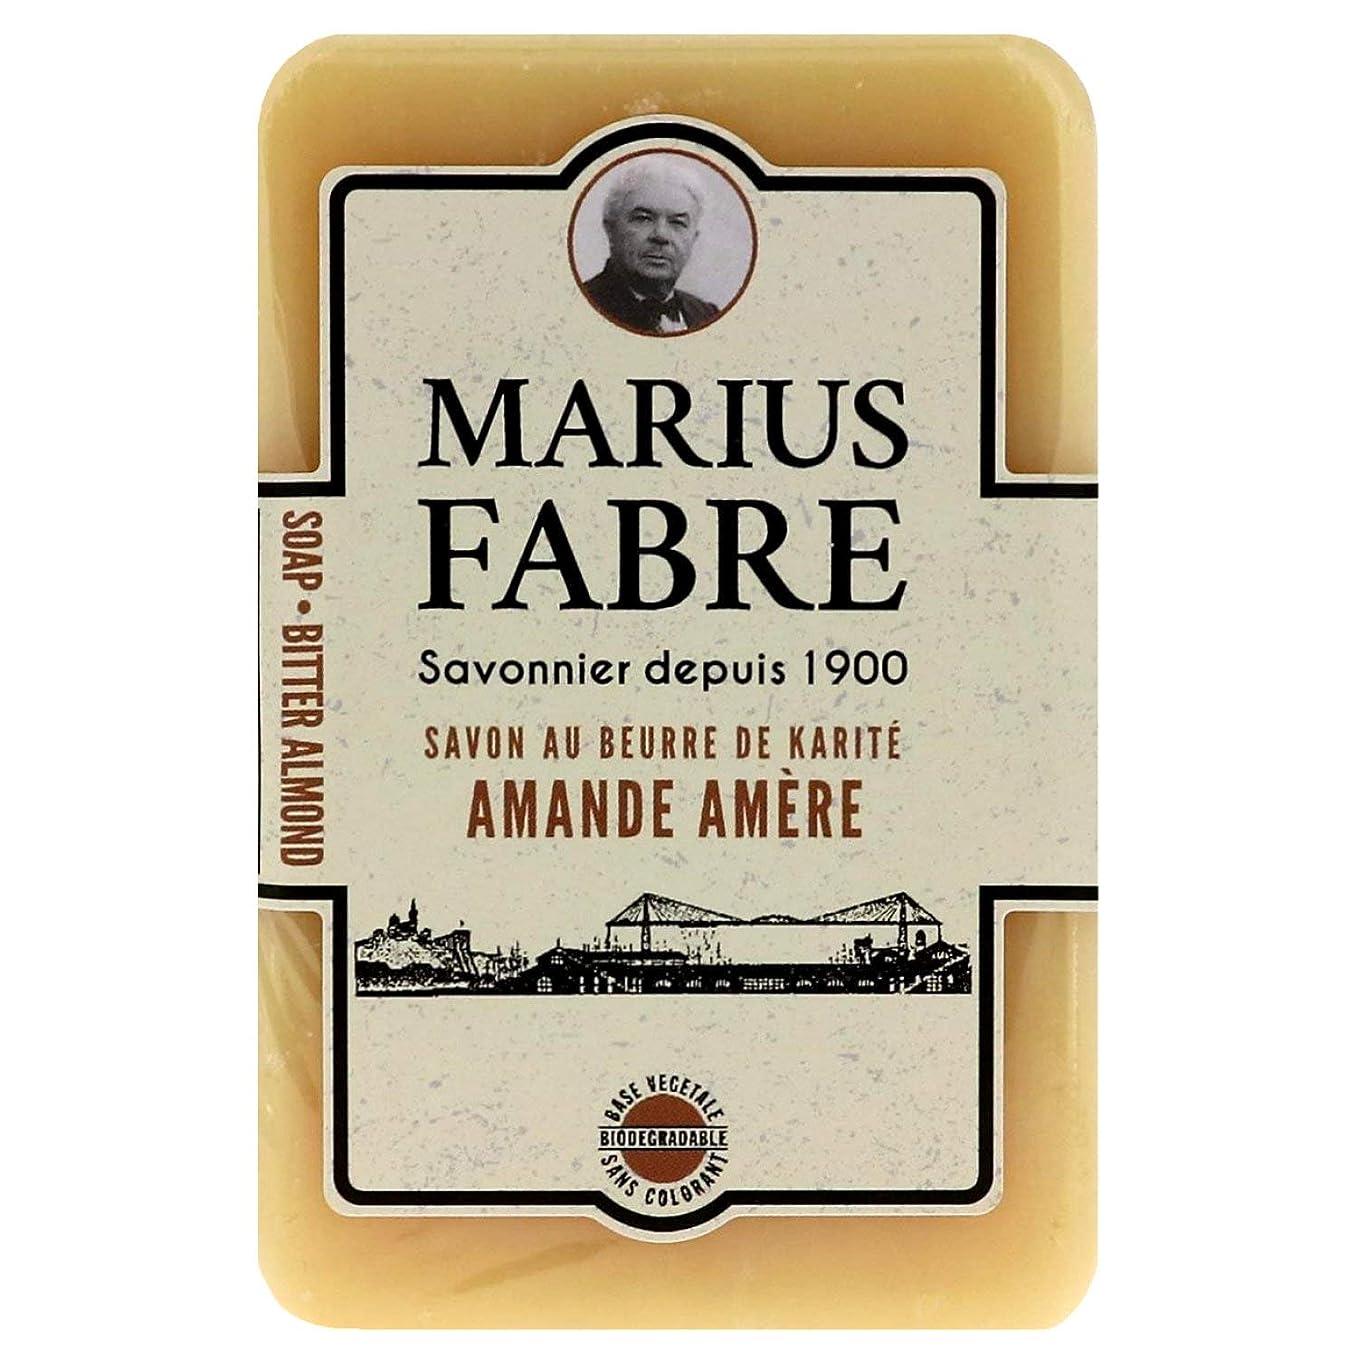 真鍮毛布ごめんなさいサボンドマルセイユ 1900 ビターアーモンド 250g